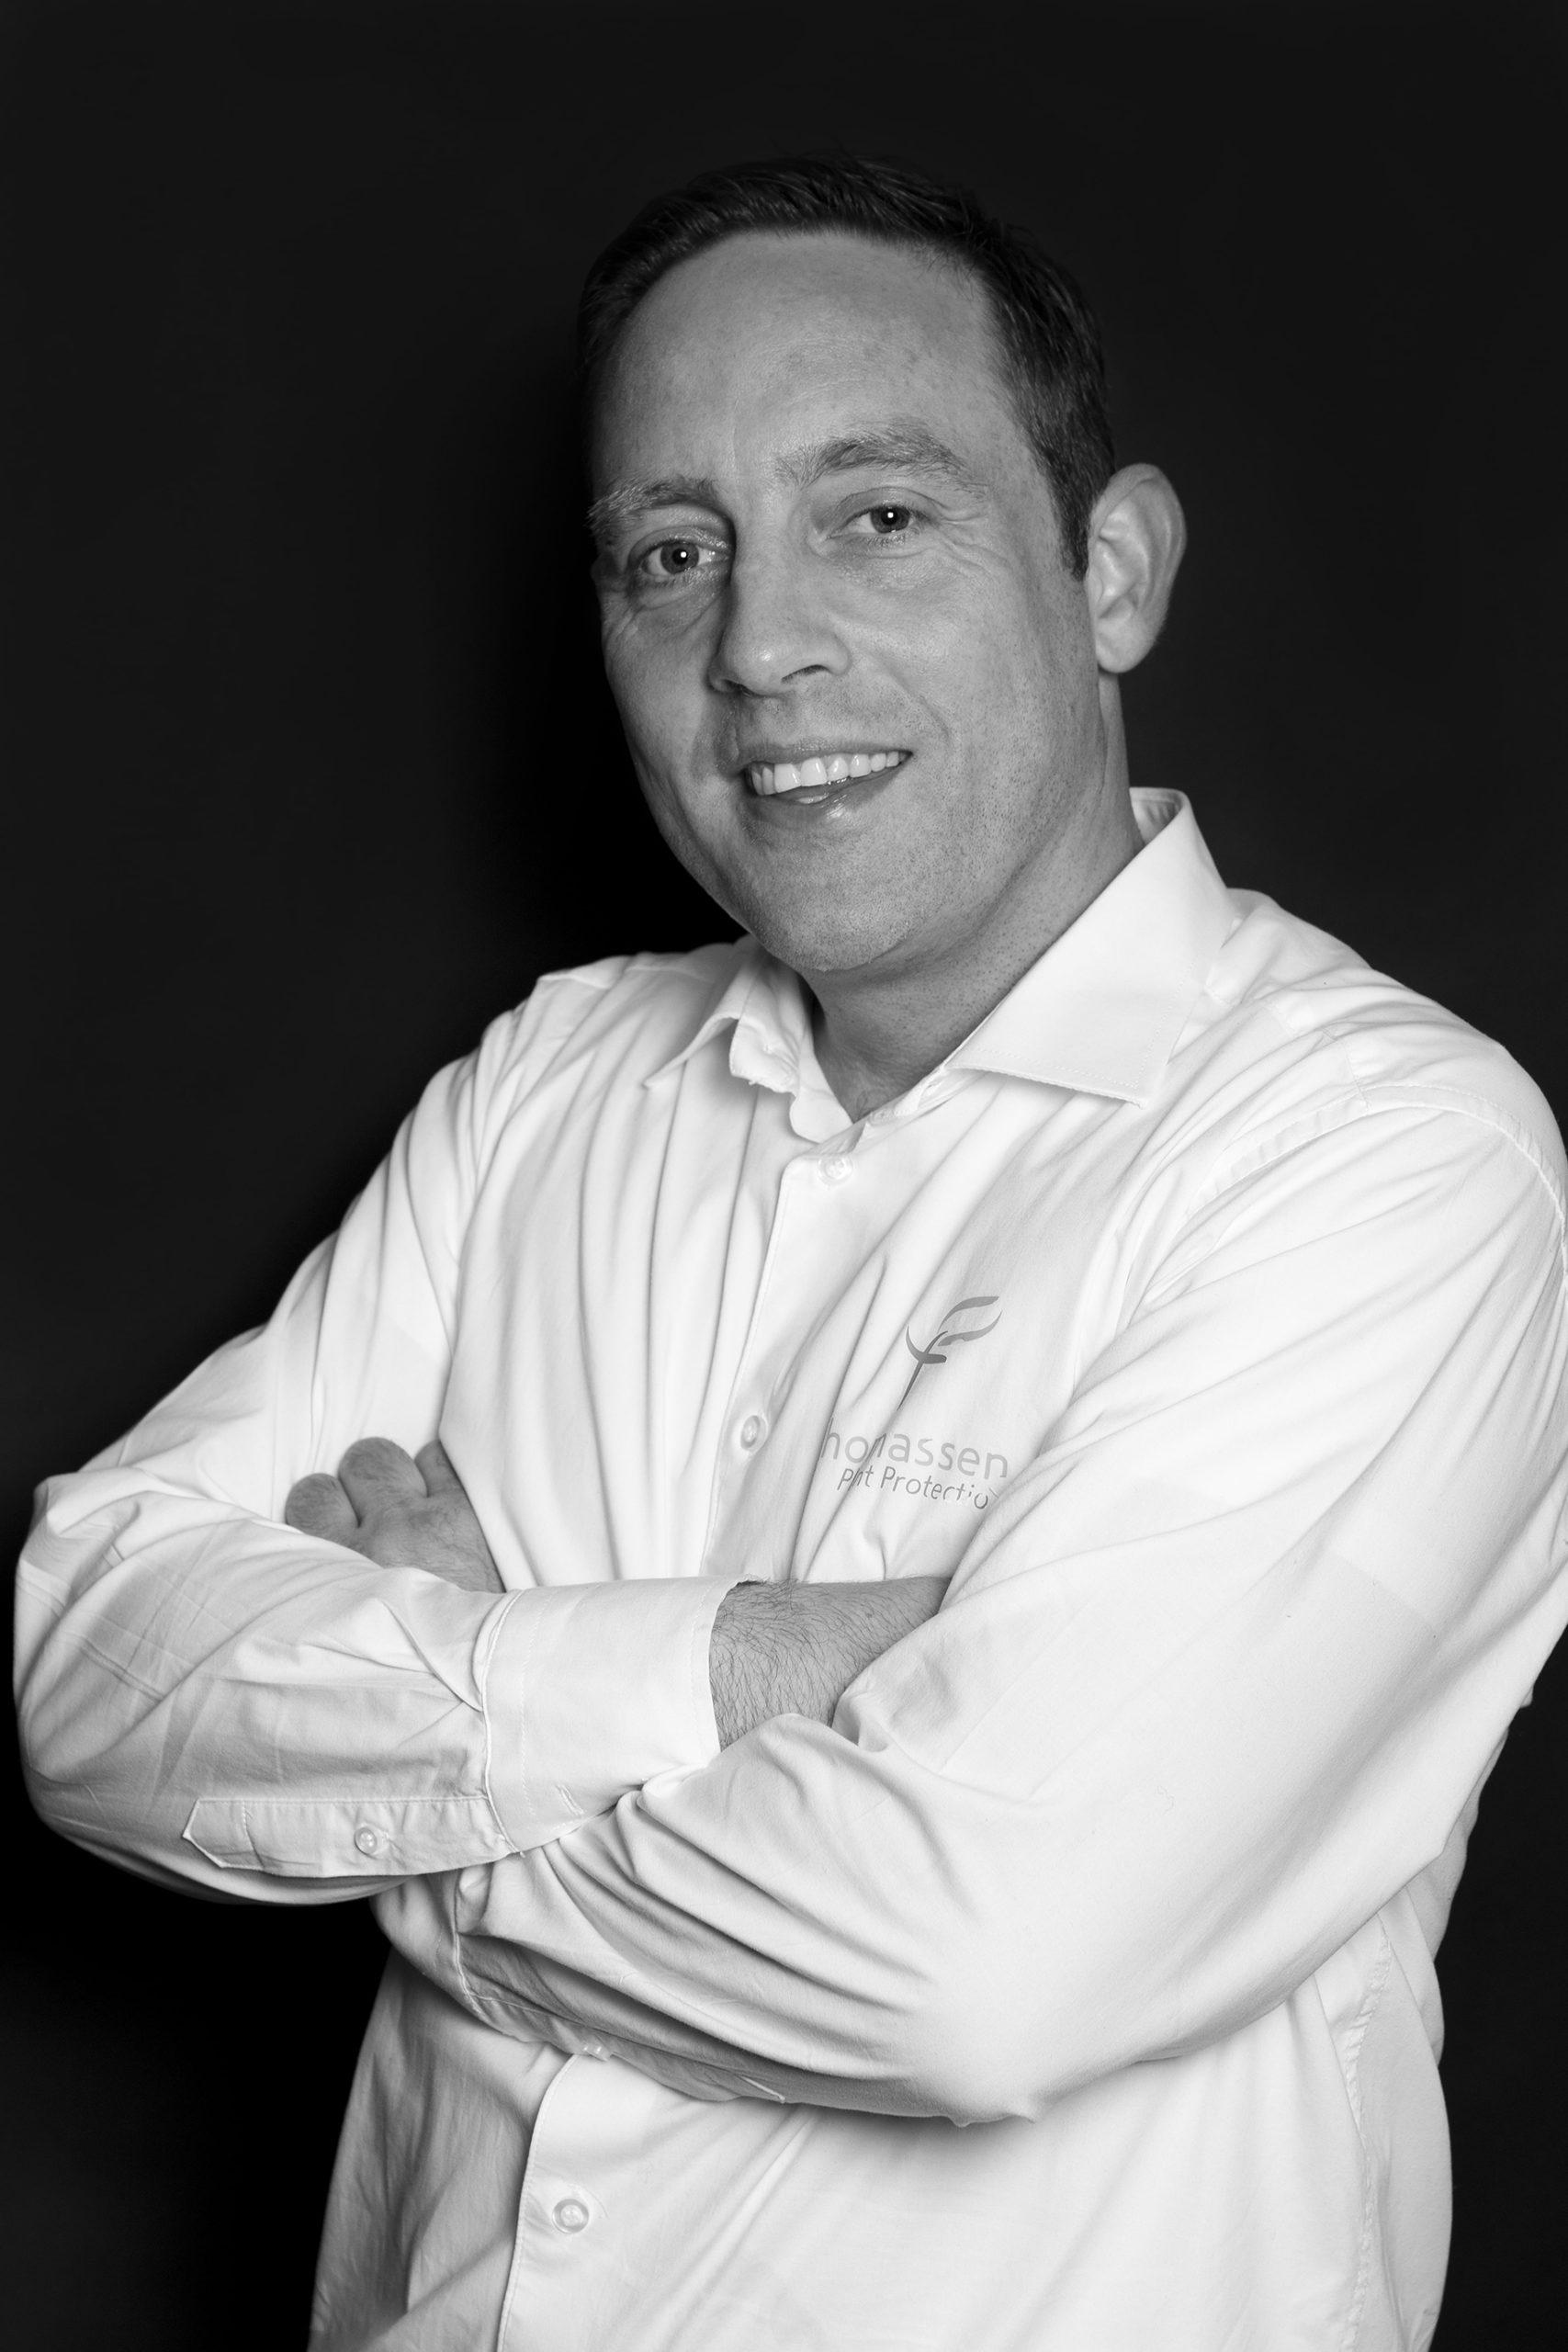 Dennis Thomassen